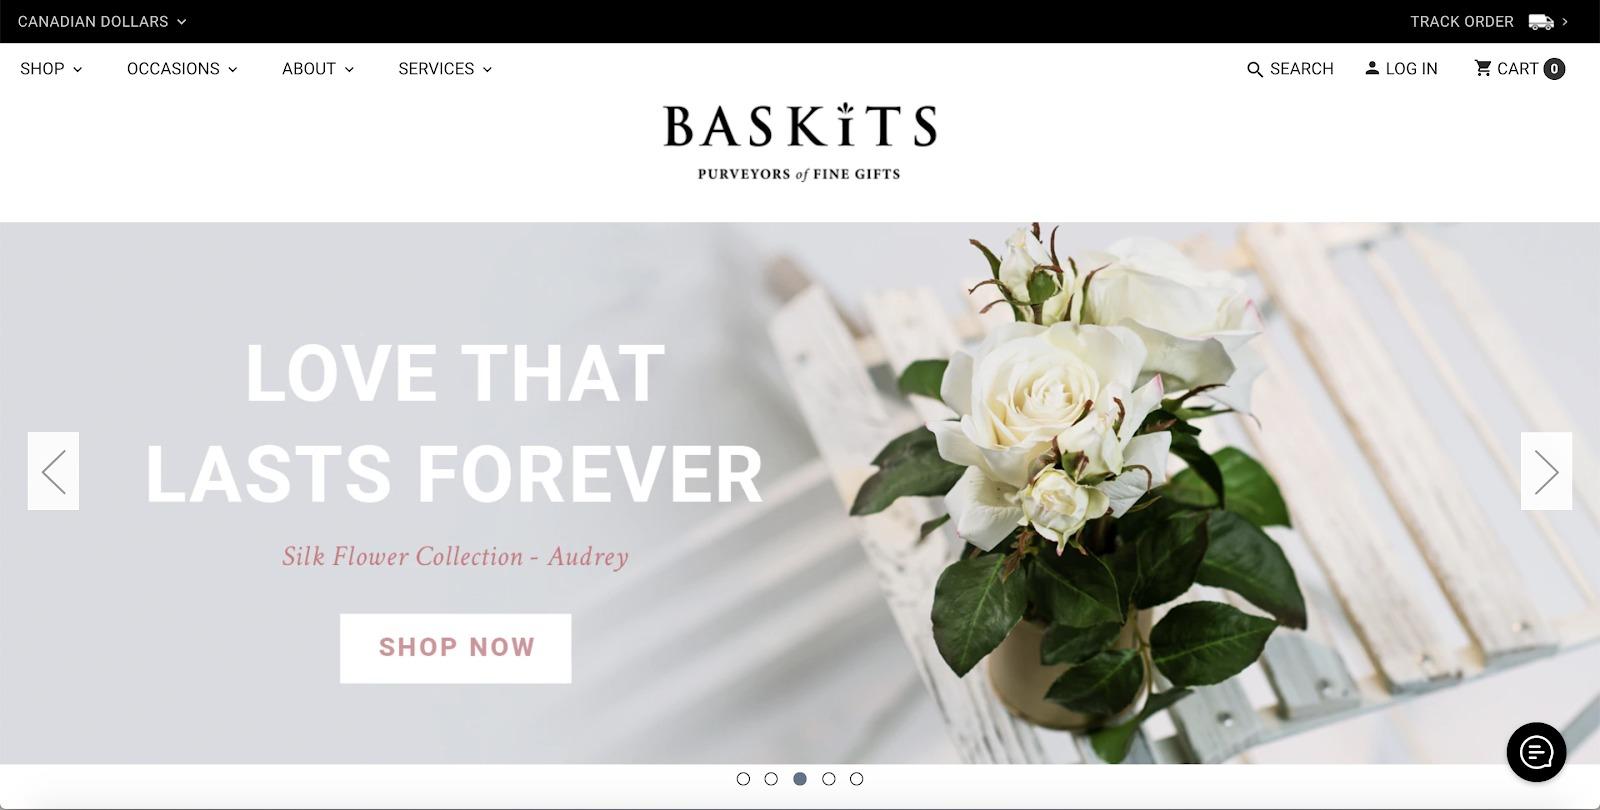 esempio di negozio di baskits